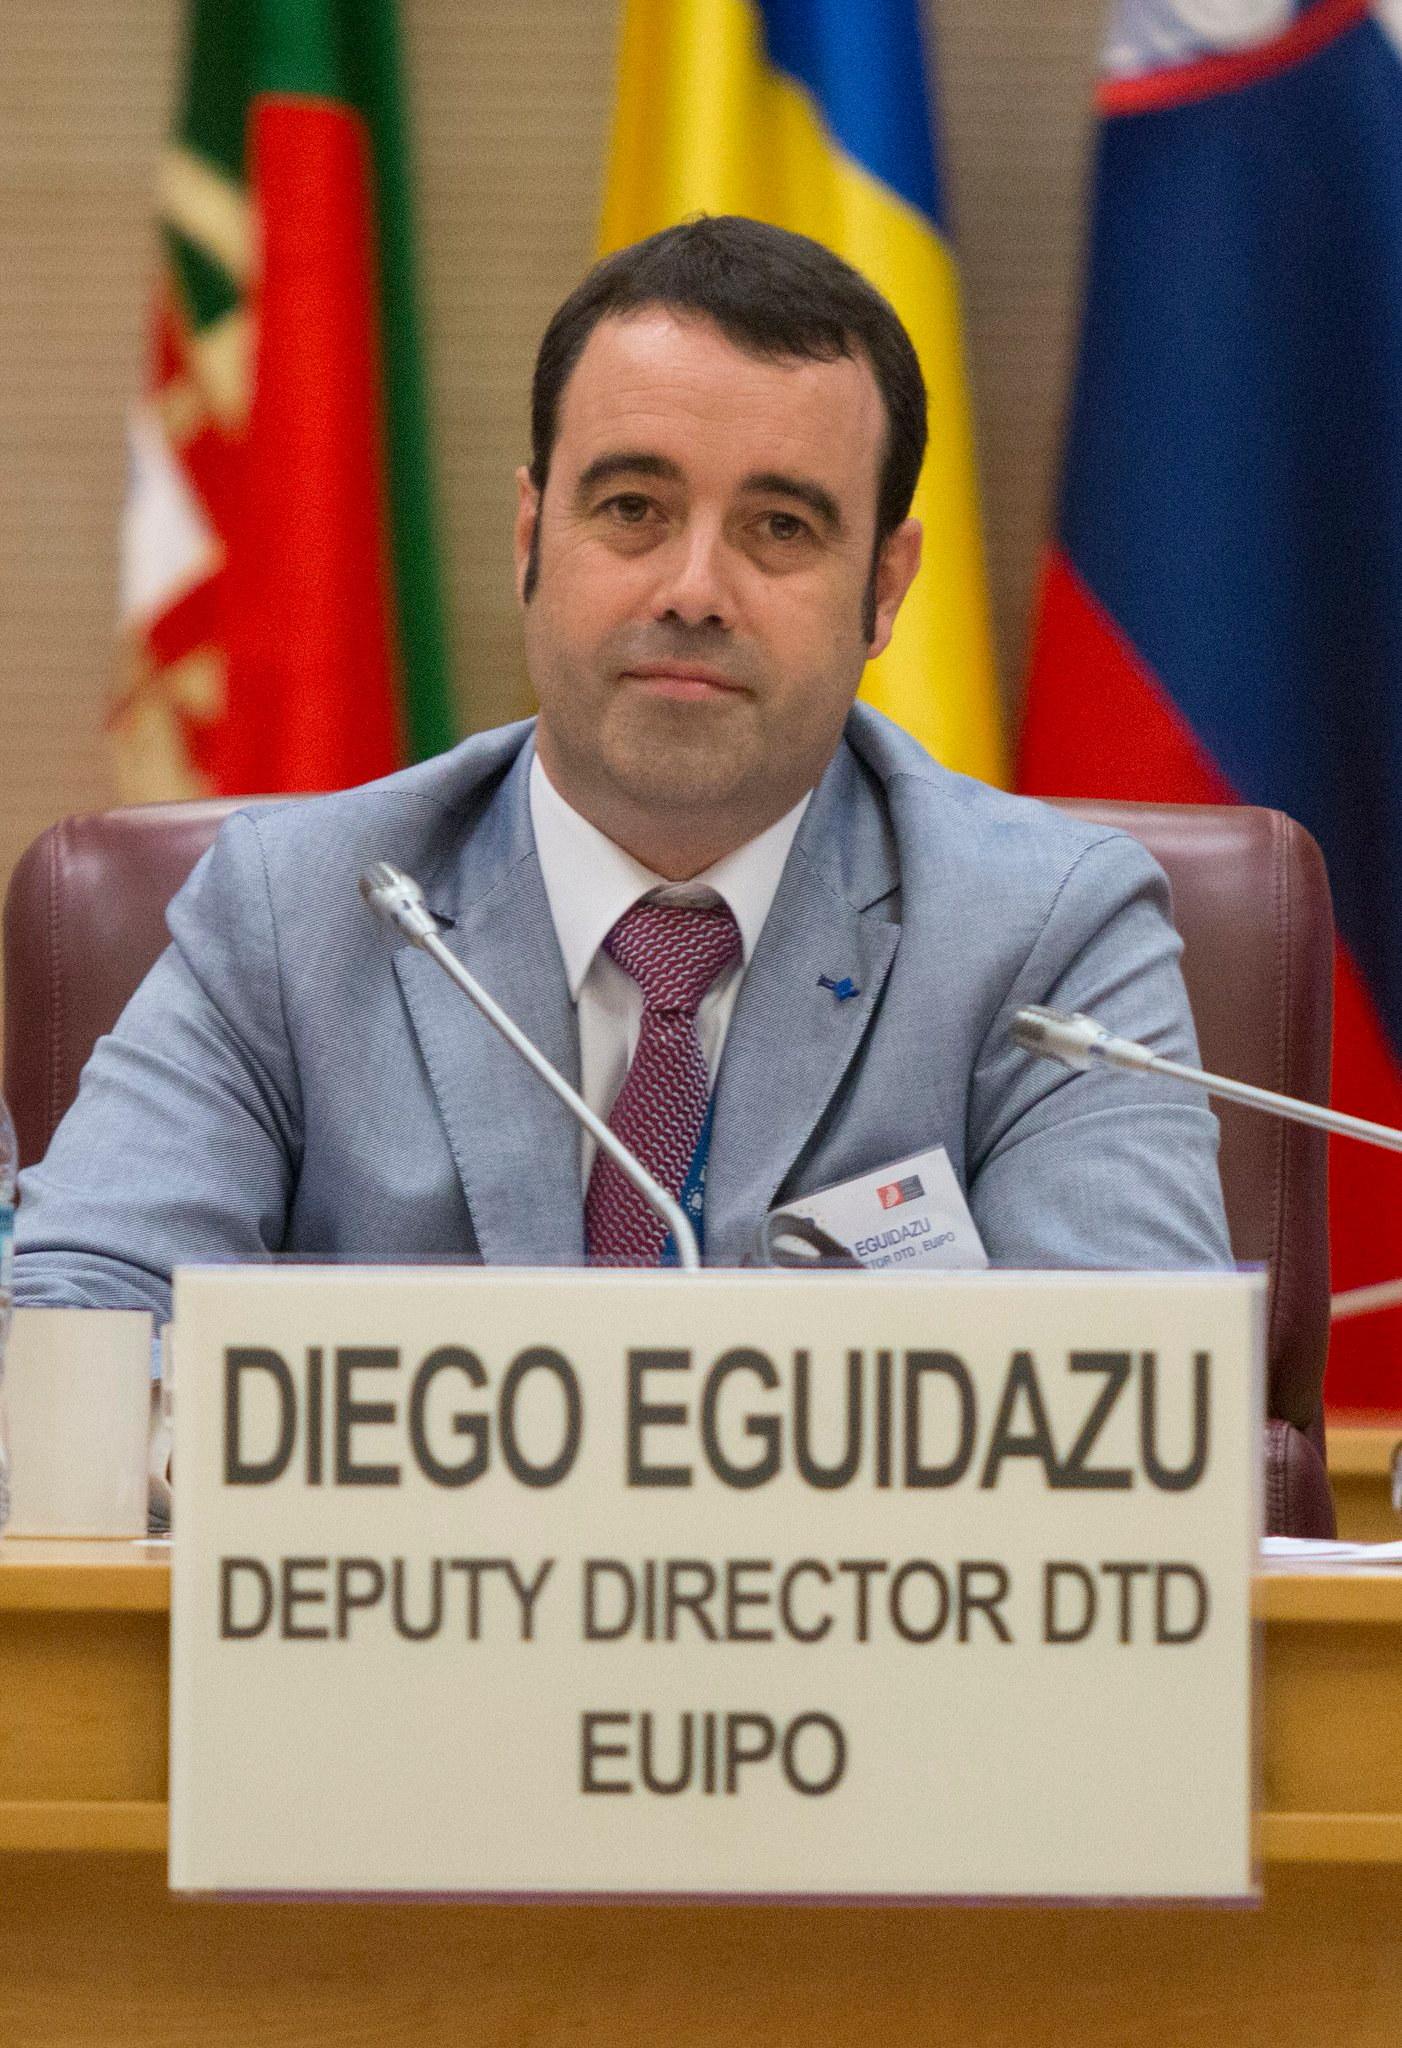 DIEGO EGUIDAZU